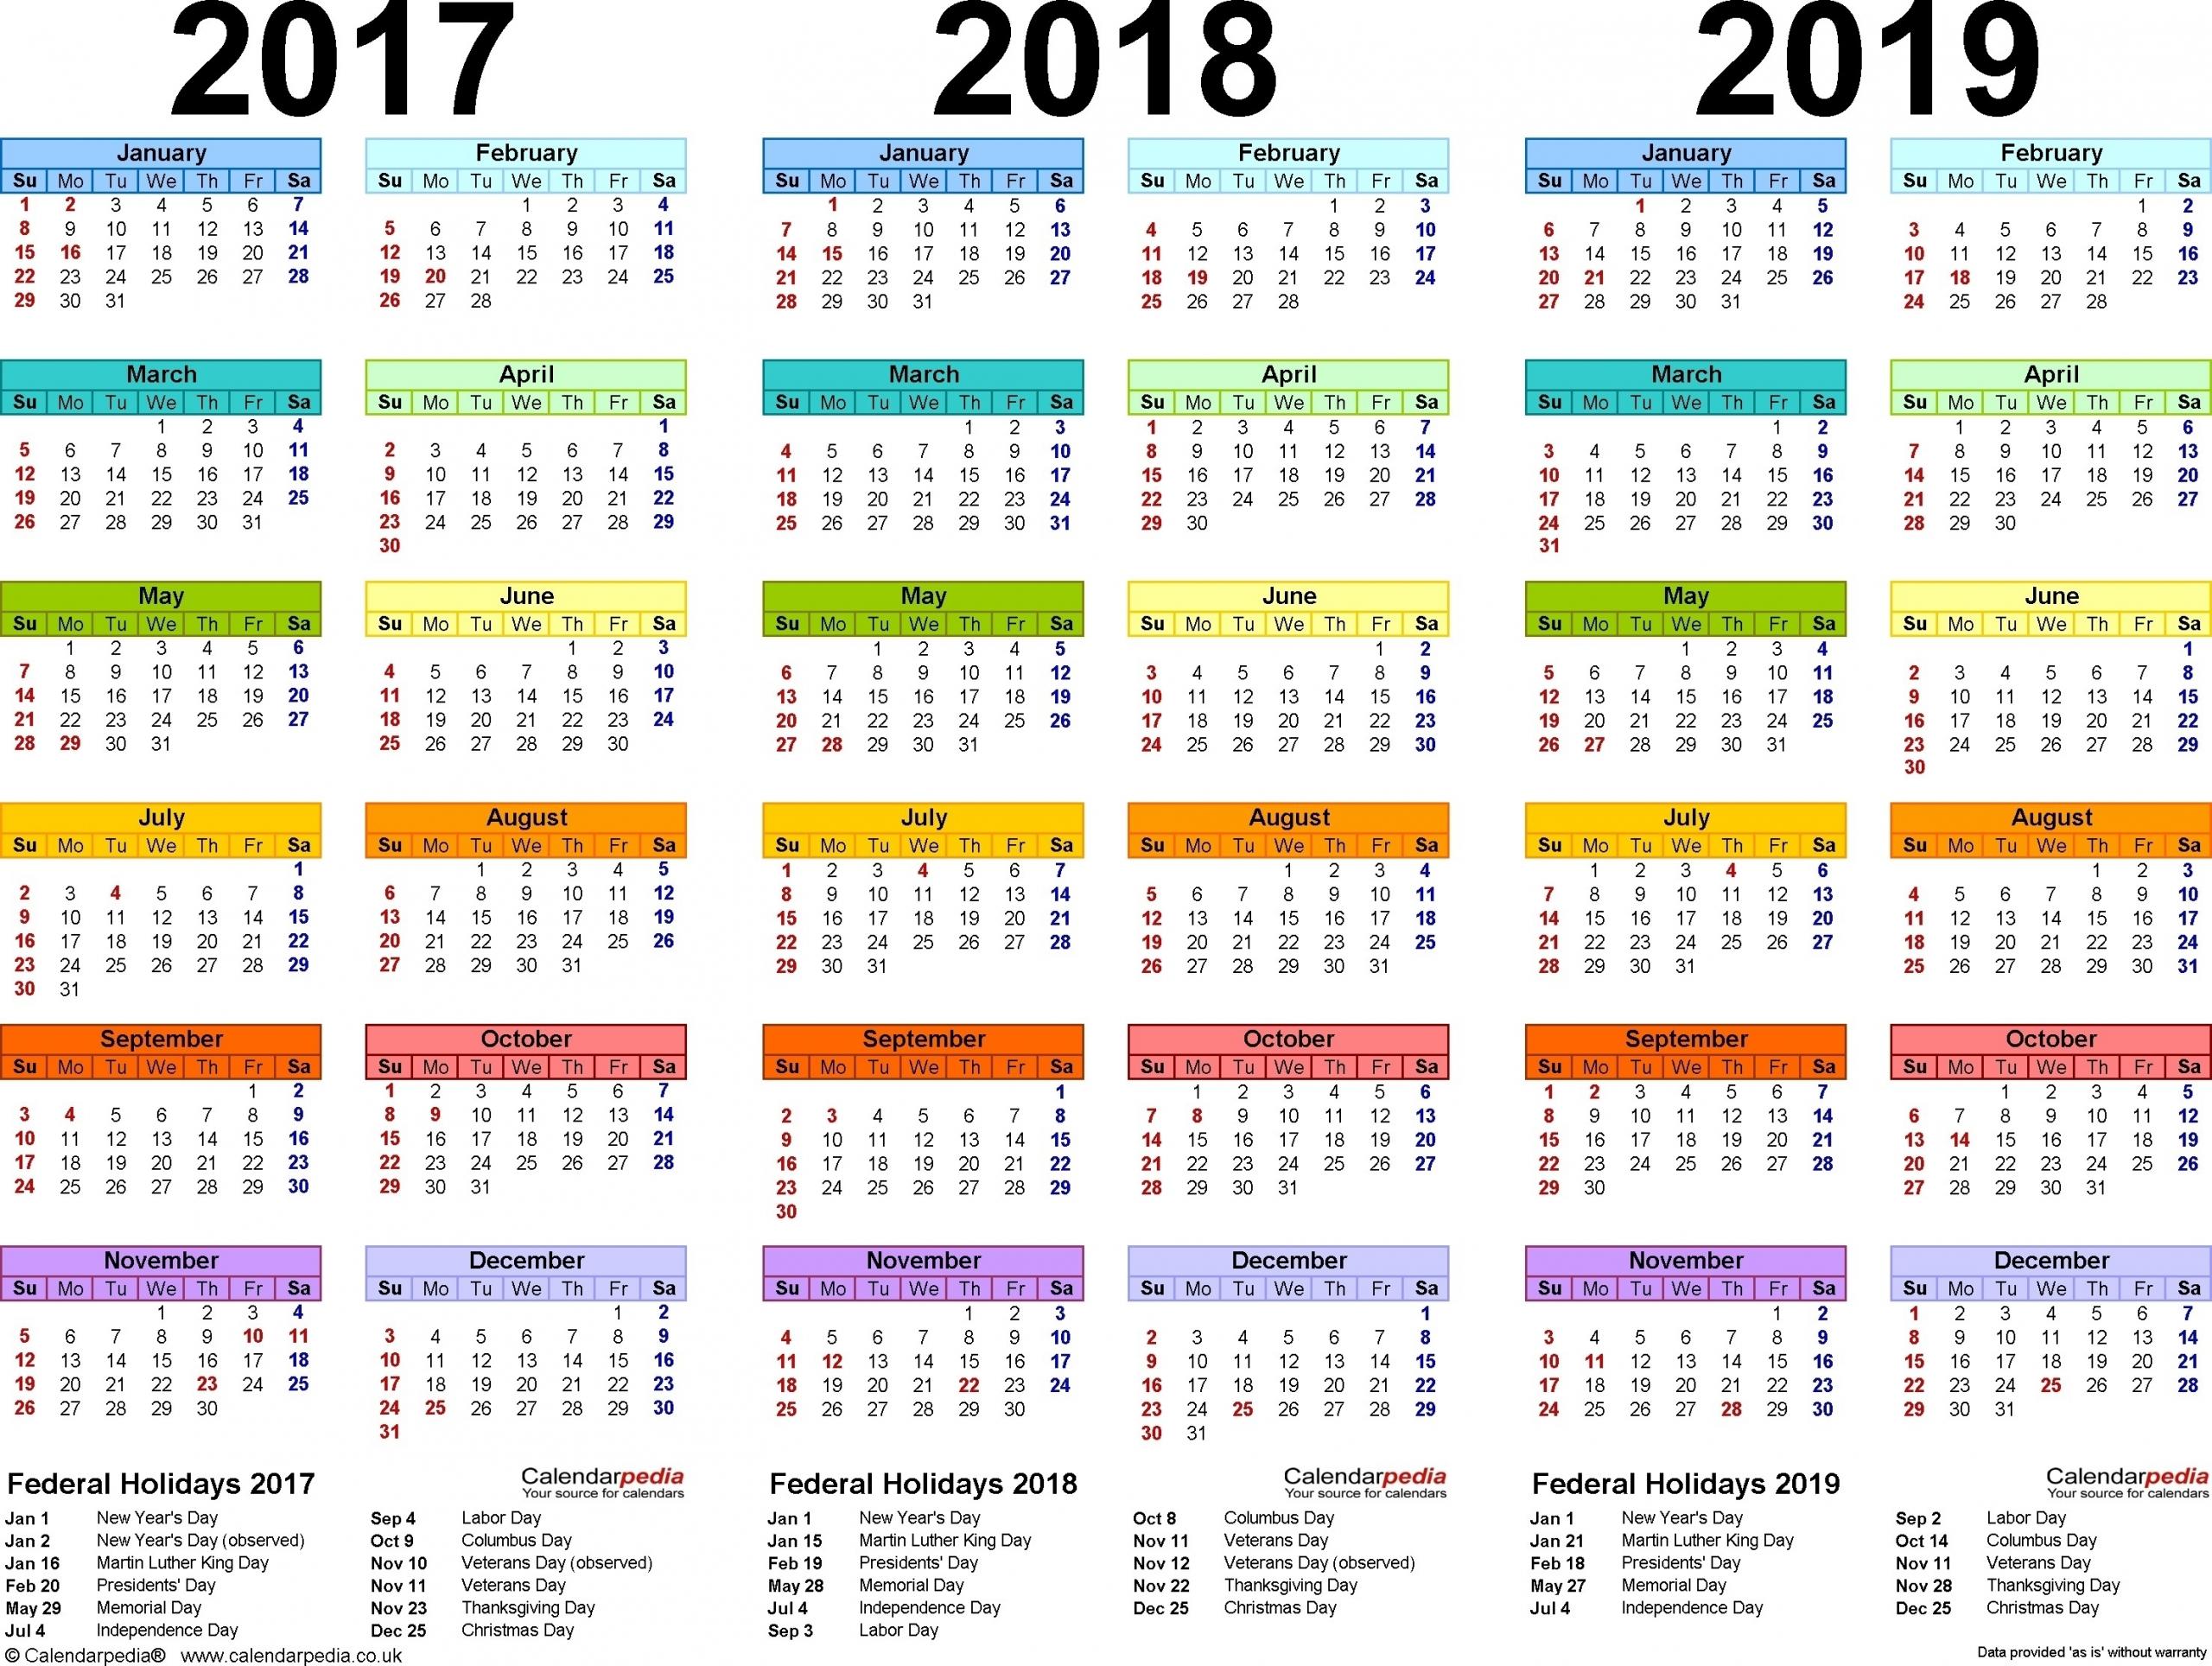 Depo Provera Calendar 2020 | Calendar For Planning  Depo Preva Shot Printable Calendar